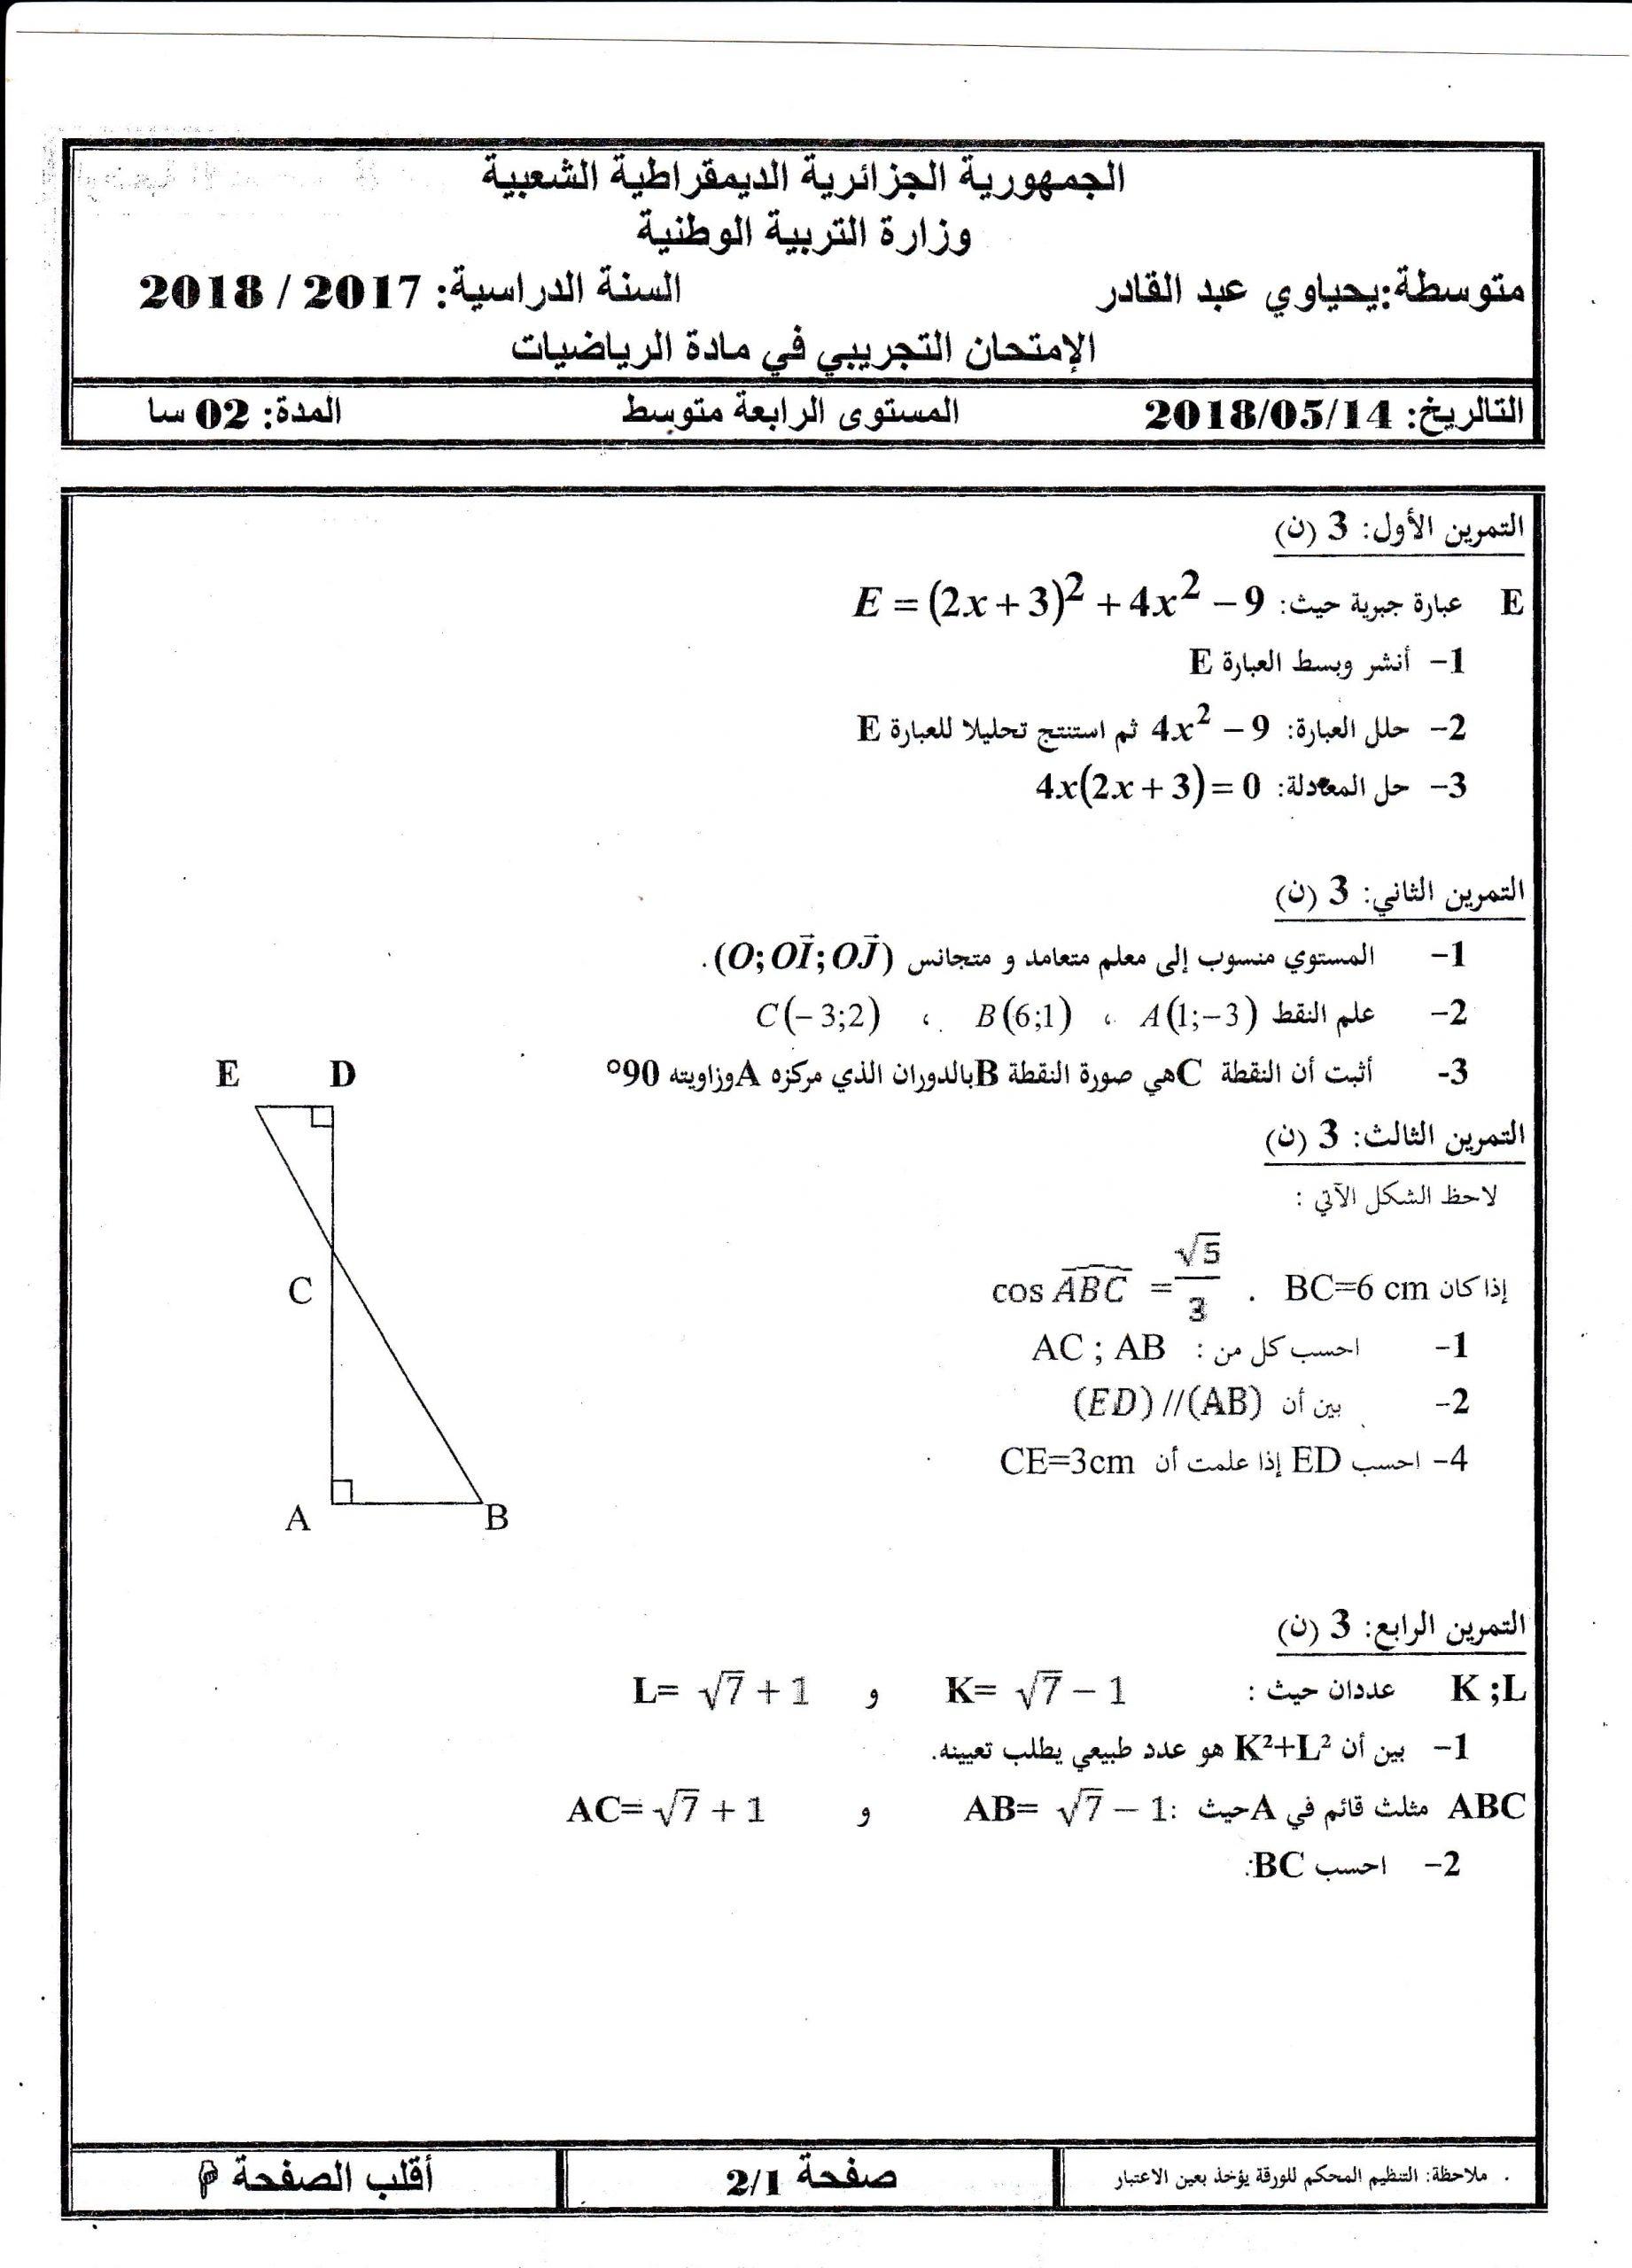 اختبار الفصل الثالث في مادة الرياضيات السنة الرابعة متوسط | الموضوع 04